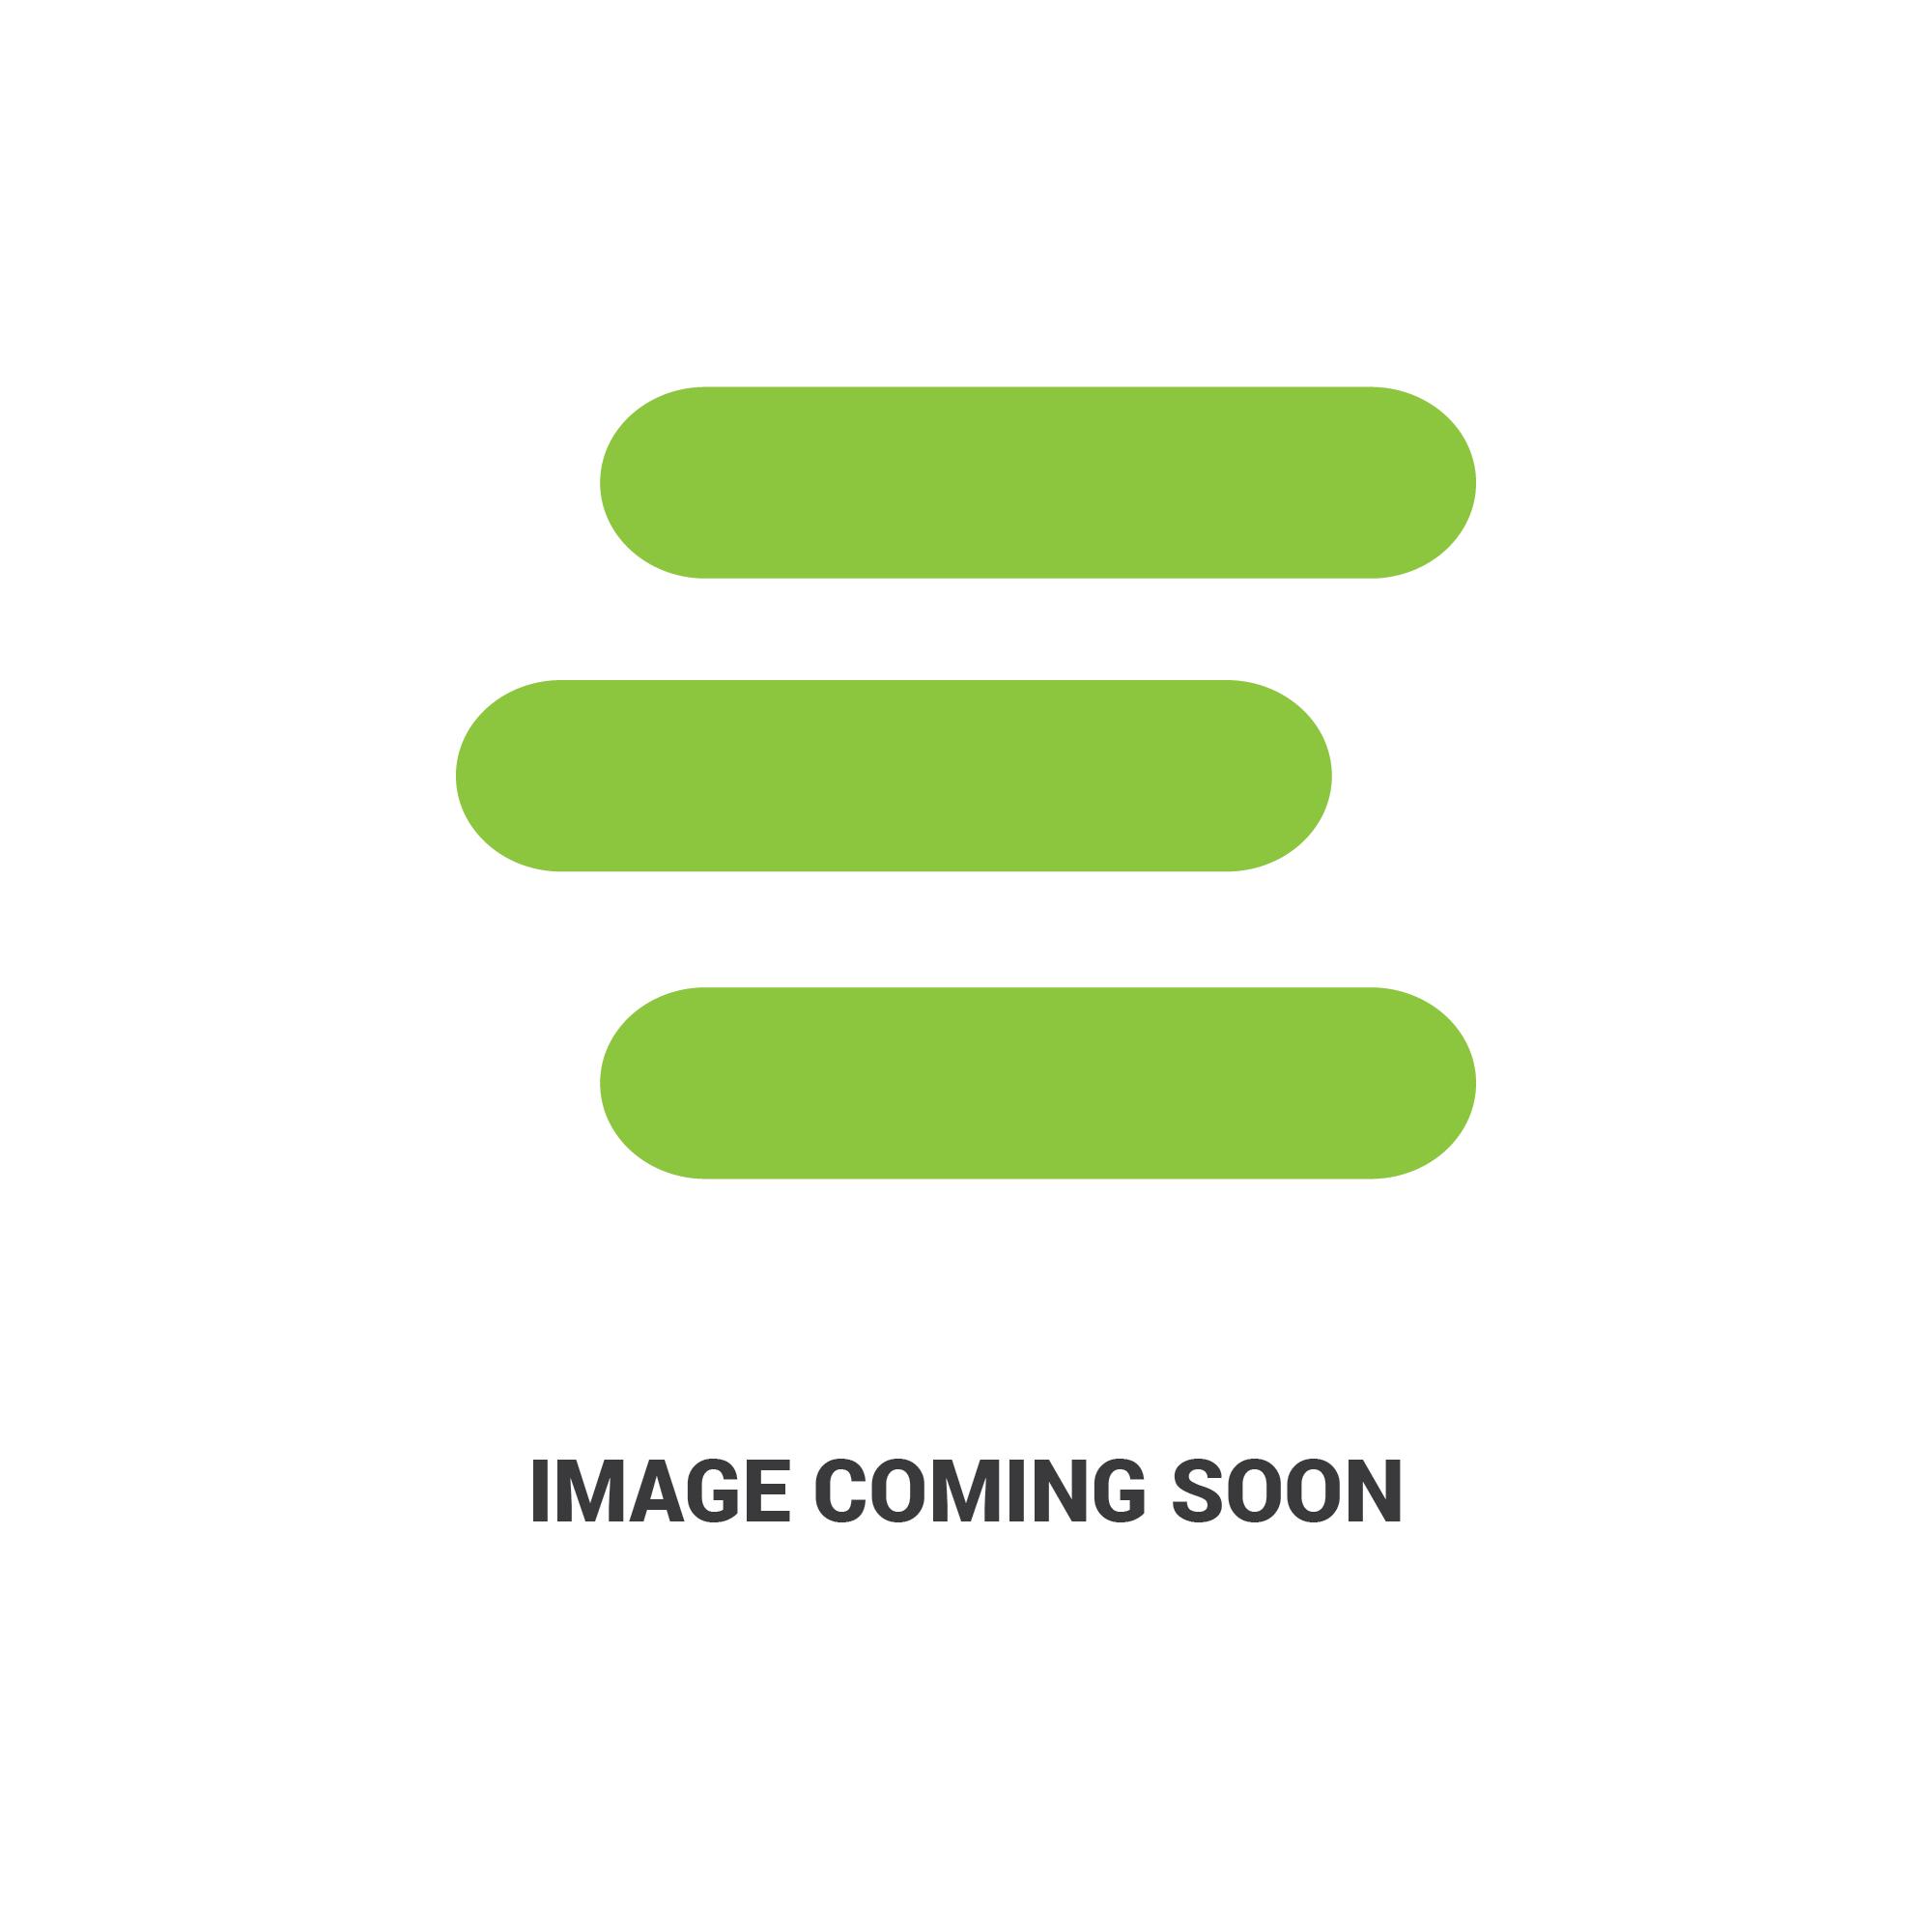 E-L102114ag1001666.2.jpg